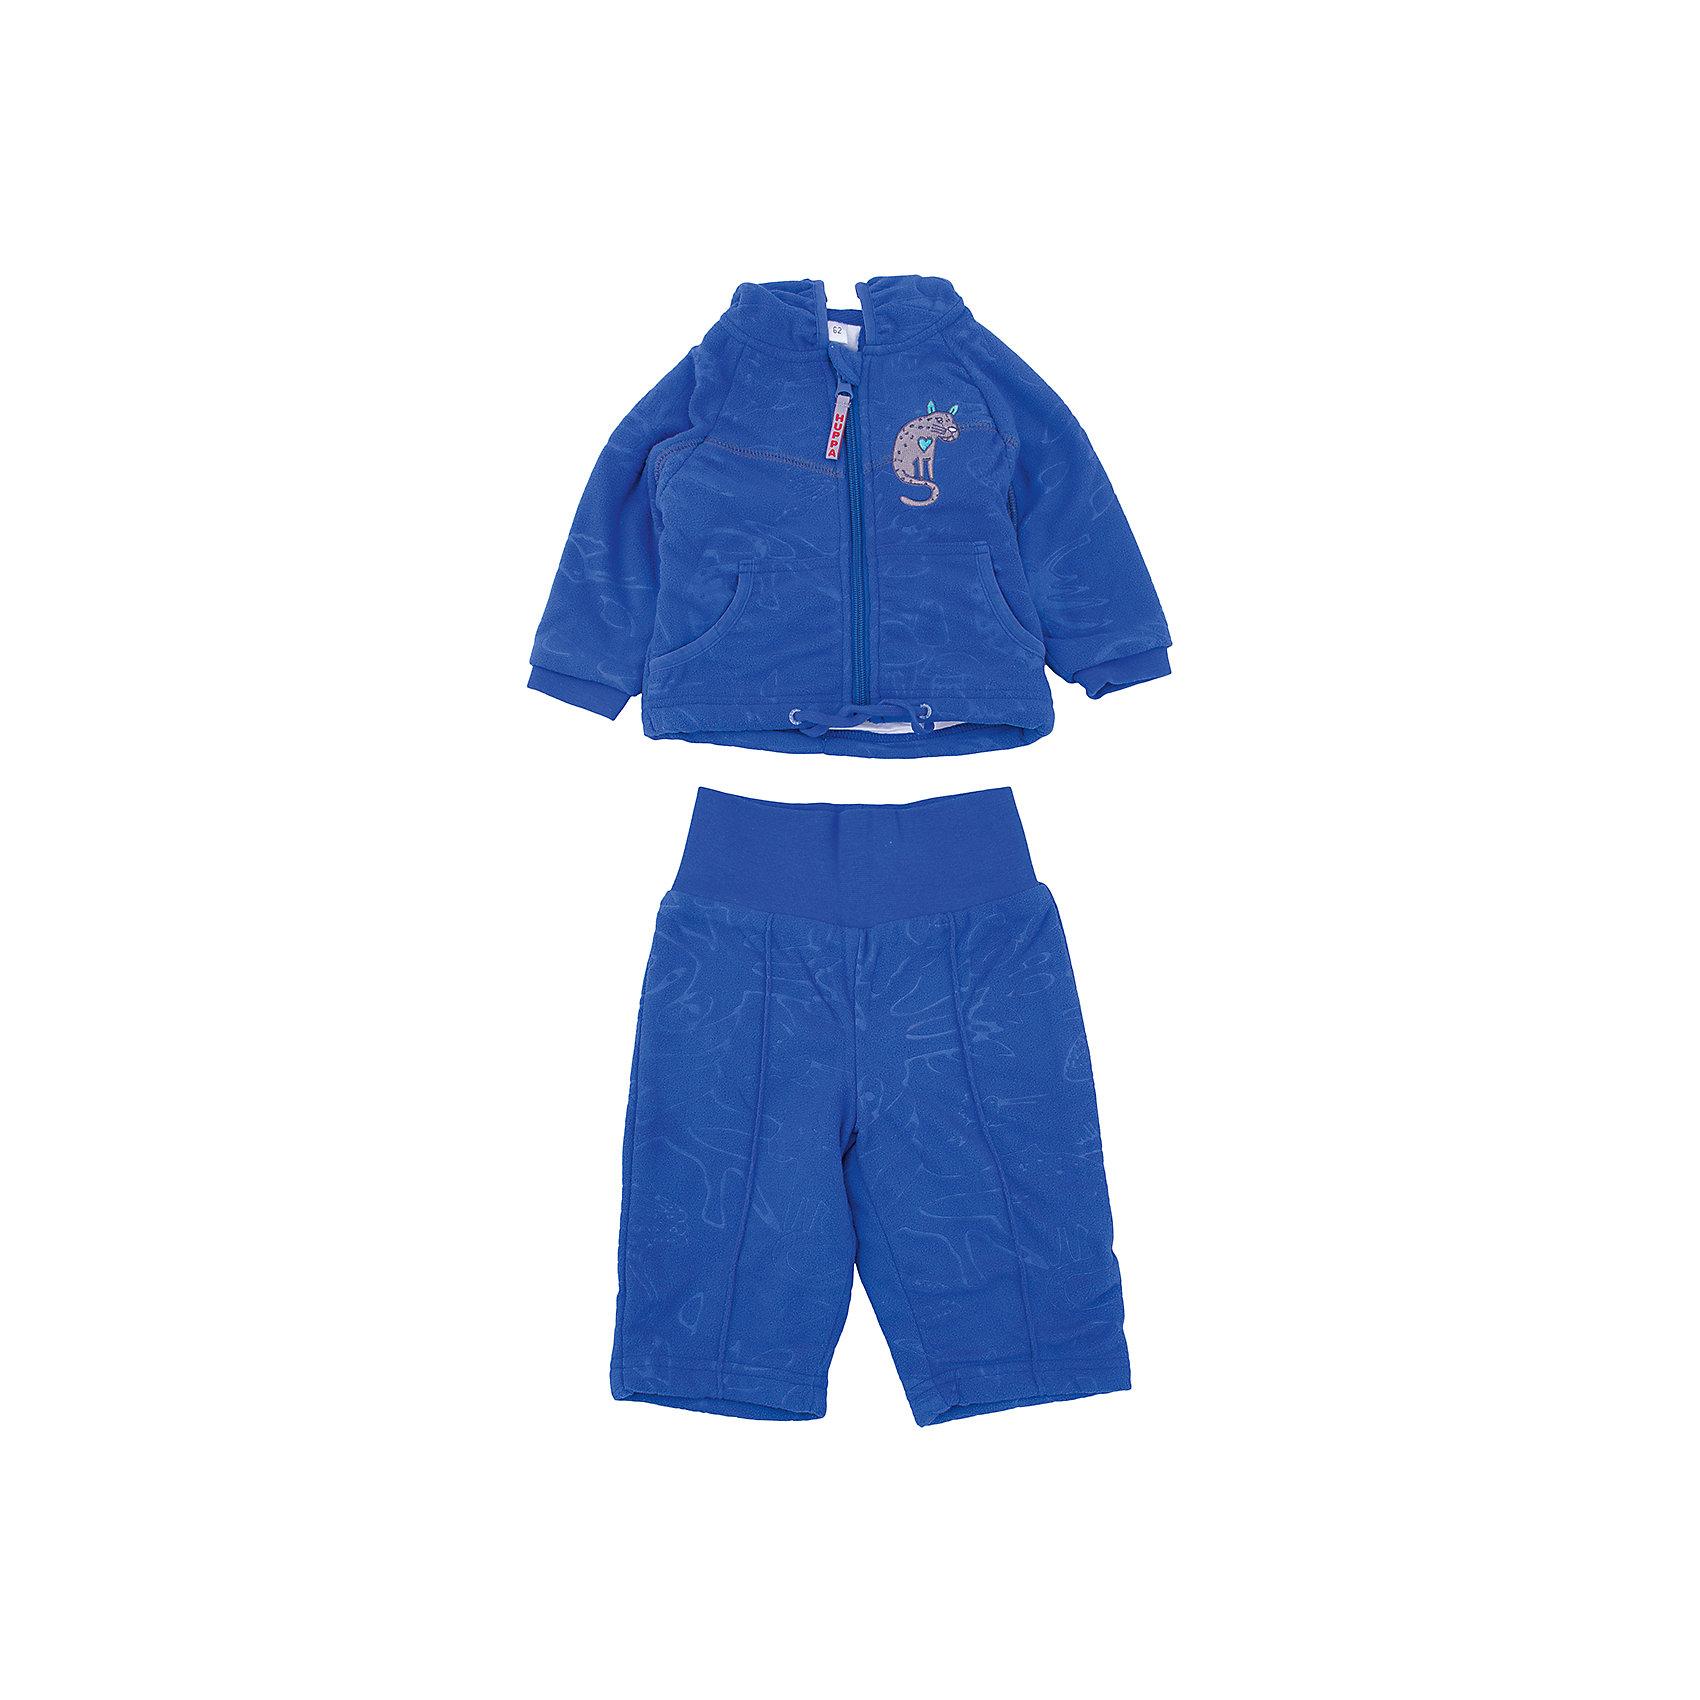 Комплект флисовый JACOBI для мальчика HuppaФлис и термобелье<br>Характеристики товара:<br><br>• цвет: синий<br>• состав: 100% полиэстер (флис), подкладка - 100% хлопок<br>• комплектация: курточка, брюки<br>• застежка: молния<br>• капюшон<br>• мягкие манжеты на куртке<br>• декорирована вышивкой<br>• комфортная посадка<br>• пояс брюк - мягкая резинка<br>• мягкий материал<br>• страна бренда: Эстония<br><br>Такой комплект обеспечит малышам тепло и комфорт. Он сделан из приятного на ощупь материала с мягким ворсом, поэтому изделия не колются и не натирают. Подкладка выполнена из дышащего и гипоаллергенного хлопка. Комплект очень симпатично смотрится, яркая расцветка и отделка добавляют ему оригинальности. Модель была разработана специально для малышей.<br><br>Одежда и обувь от популярного эстонского бренда Huppa - отличный вариант одеть ребенка можно и комфортно. Вещи, выпускаемые компанией, качественные, продуманные и очень удобные. Для производства изделий используются только безопасные для детей материалы. Продукция от Huppa порадует и детей, и их родителей!<br><br>Комплект флисовый JACOBI от бренда Huppa (Хуппа) можно купить в нашем интернет-магазине.<br><br>Ширина мм: 190<br>Глубина мм: 74<br>Высота мм: 229<br>Вес г: 236<br>Цвет: синий<br>Возраст от месяцев: 2<br>Возраст до месяцев: 5<br>Пол: Мужской<br>Возраст: Детский<br>Размер: 62,92,68,74,80,86<br>SKU: 5347547